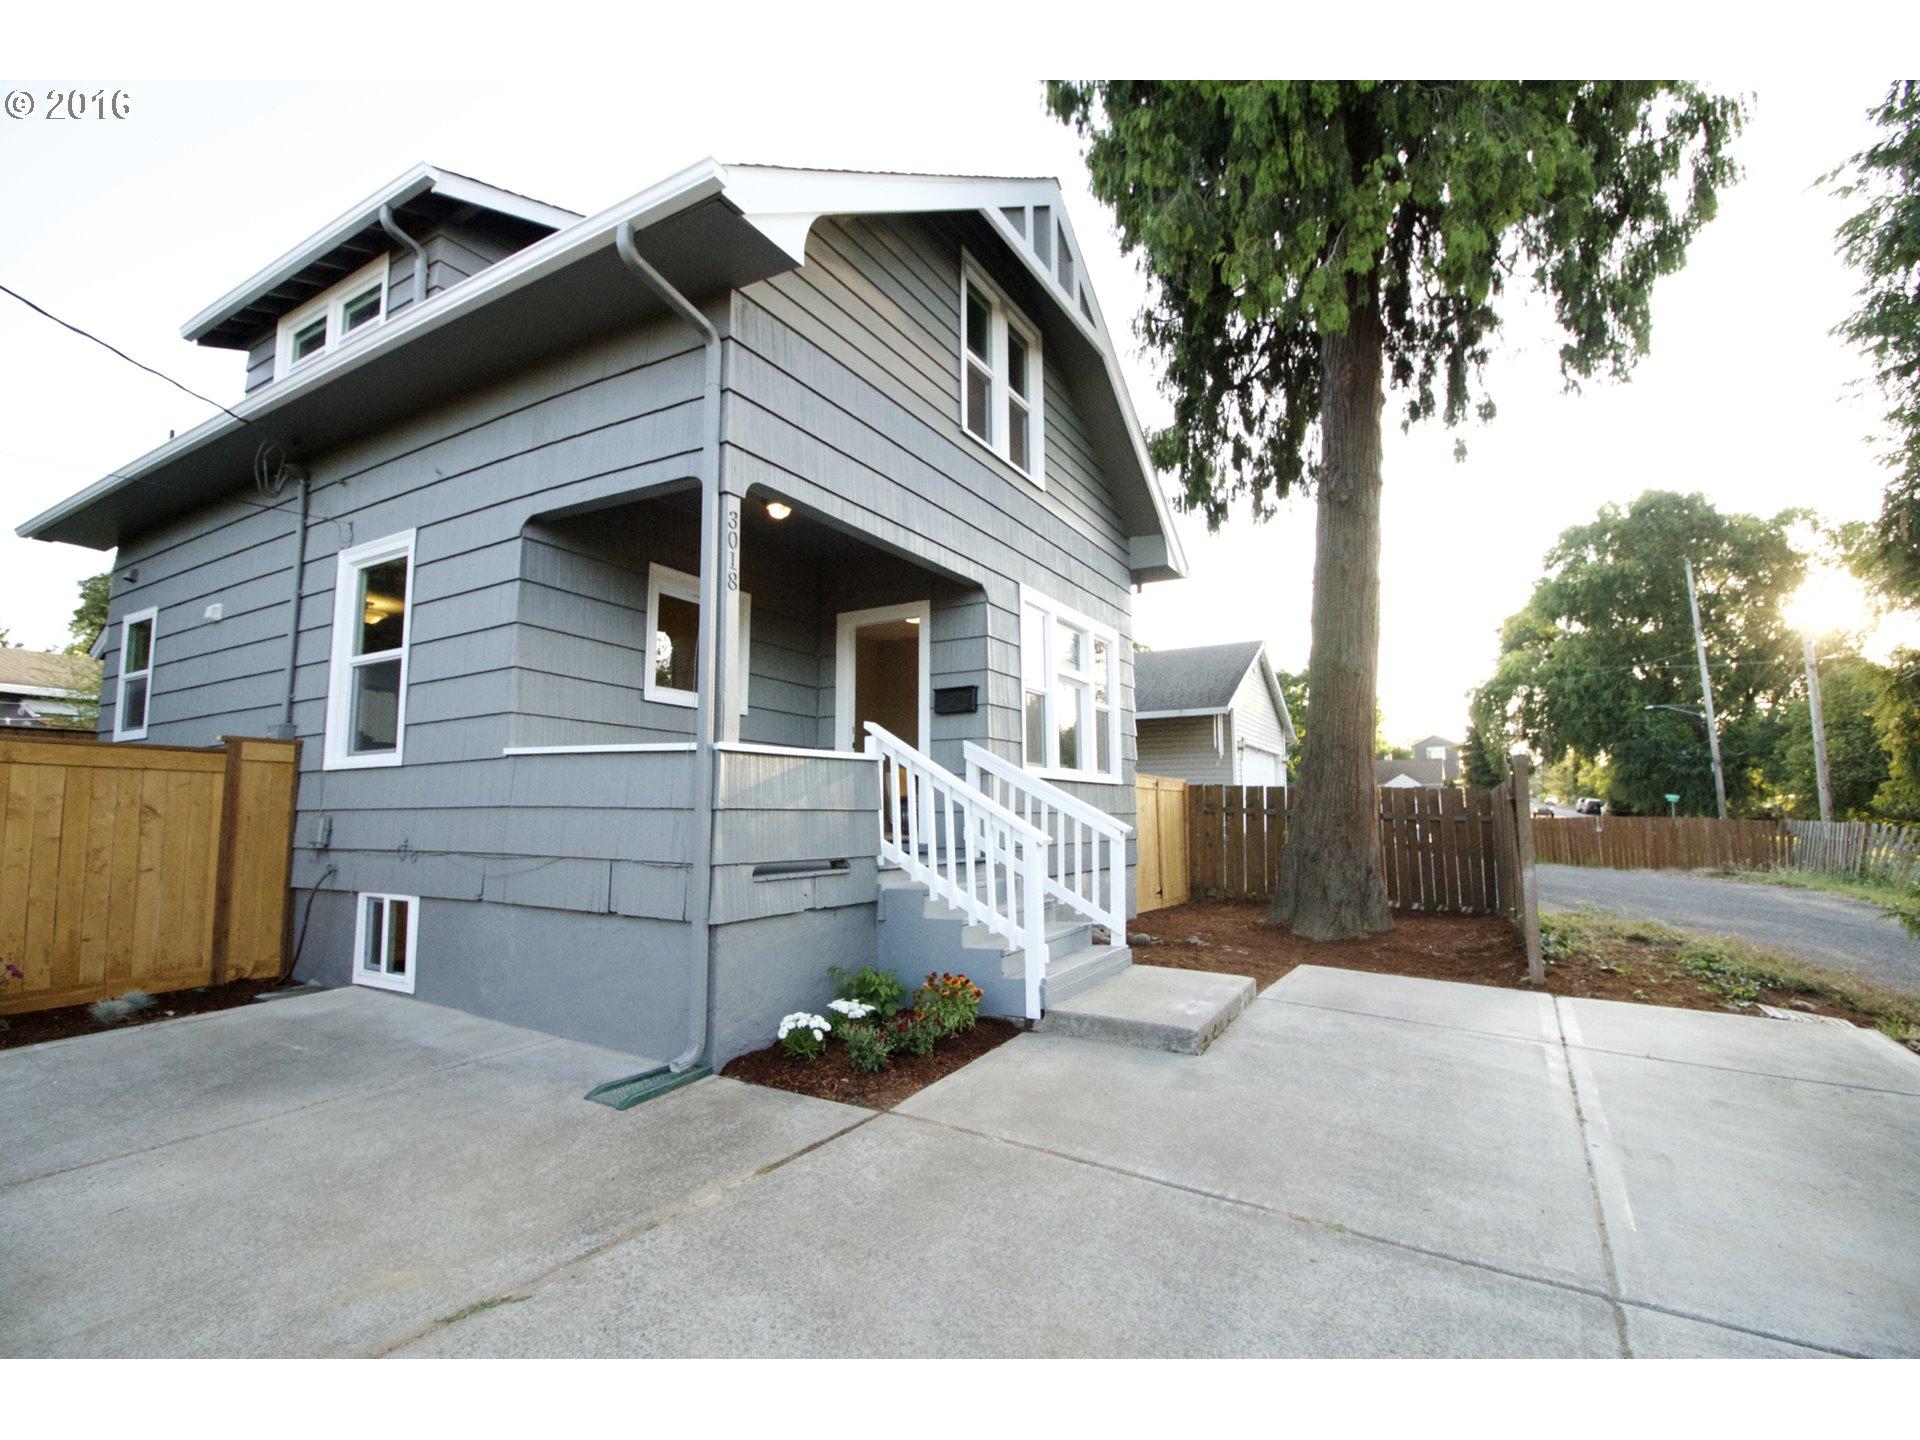 3018 N TRENTON ST, Portland, OR 97217